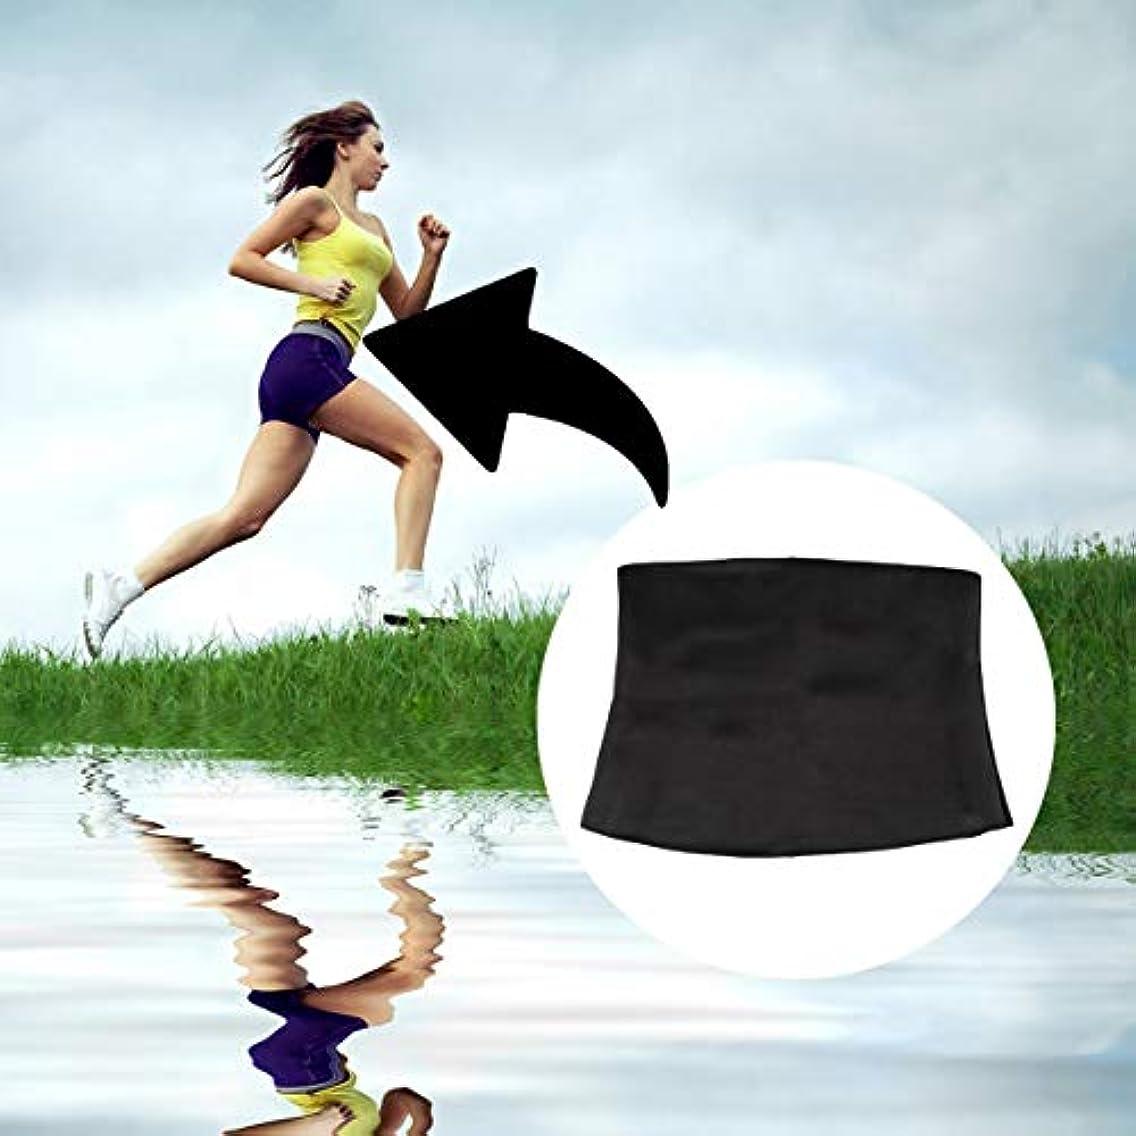 窓愛情ひばりWomen Adult Solid Neoprene Healthy Slimming Weight Loss Waist Belts Body Shaper Slimming Trainer Trimmer Corsets